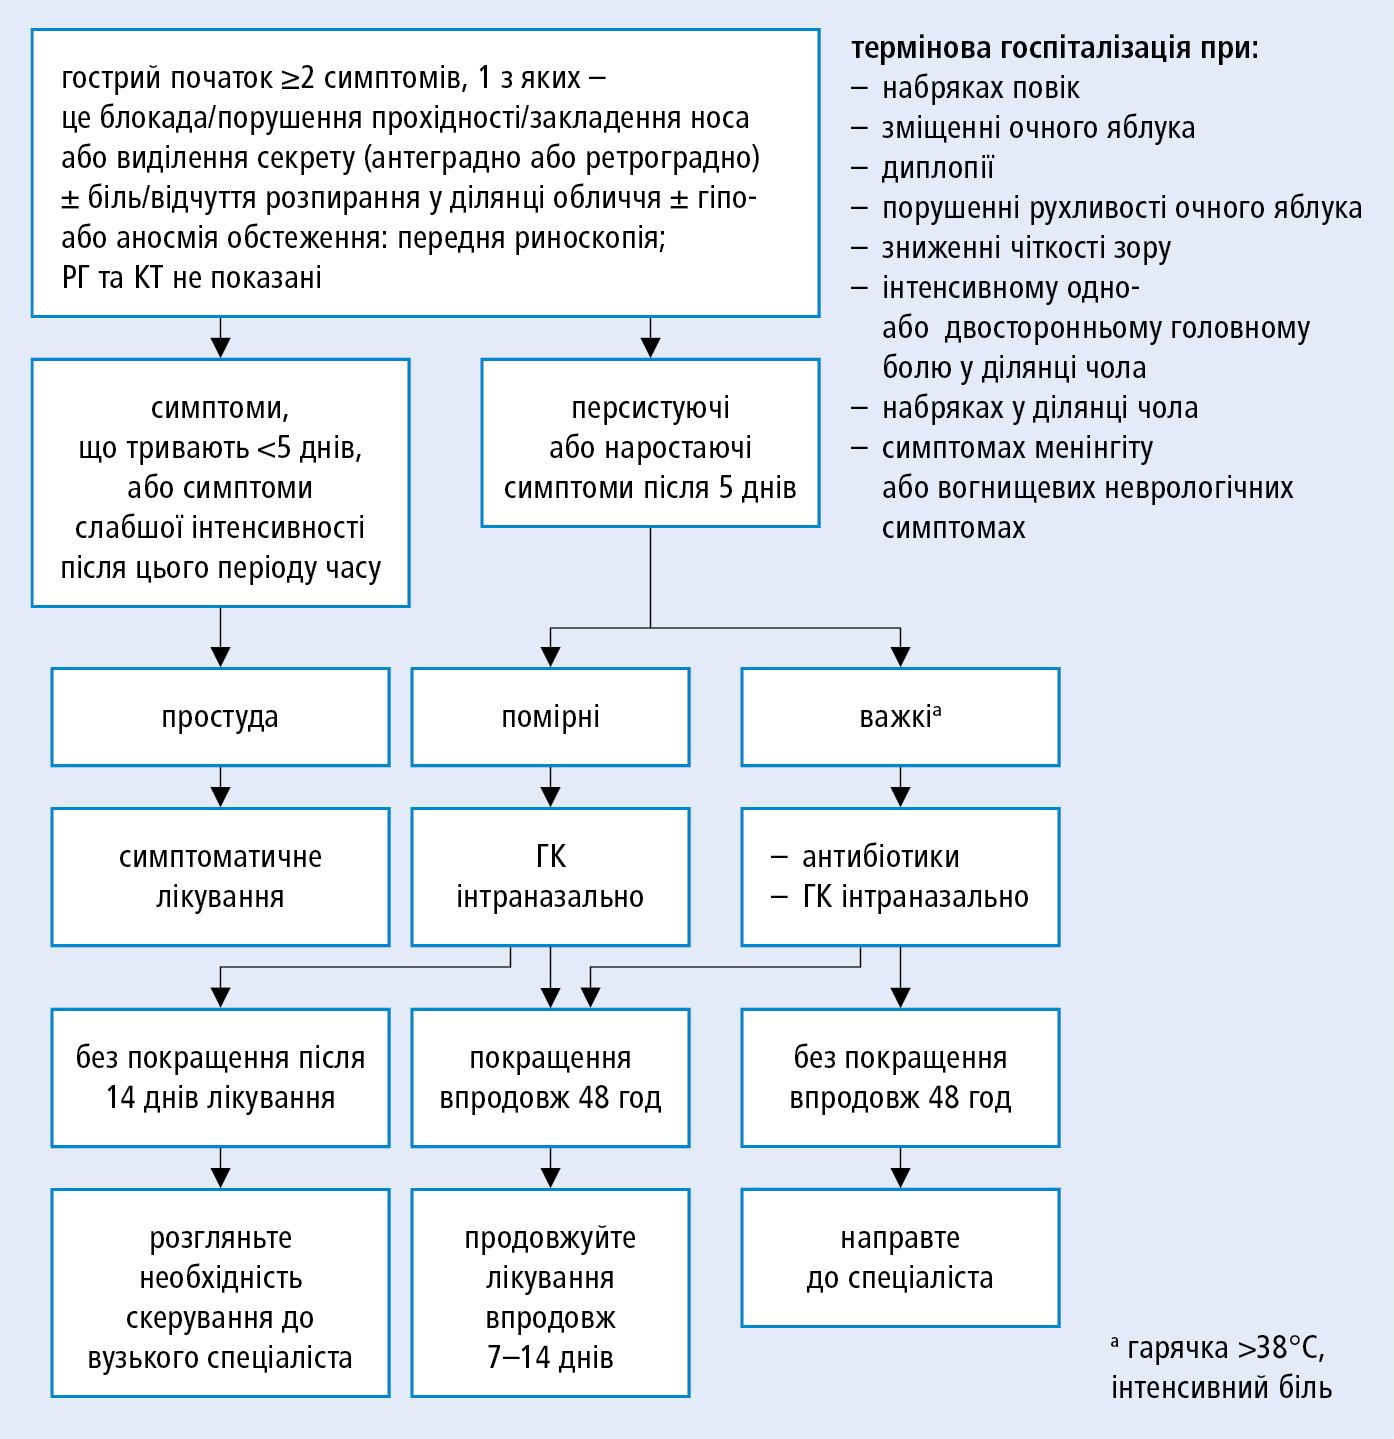 Алгоритм дій при гострому запаленні слизової оболонки носa та приносових пазух (на основі рекомендацій EPOS, модифікованi).